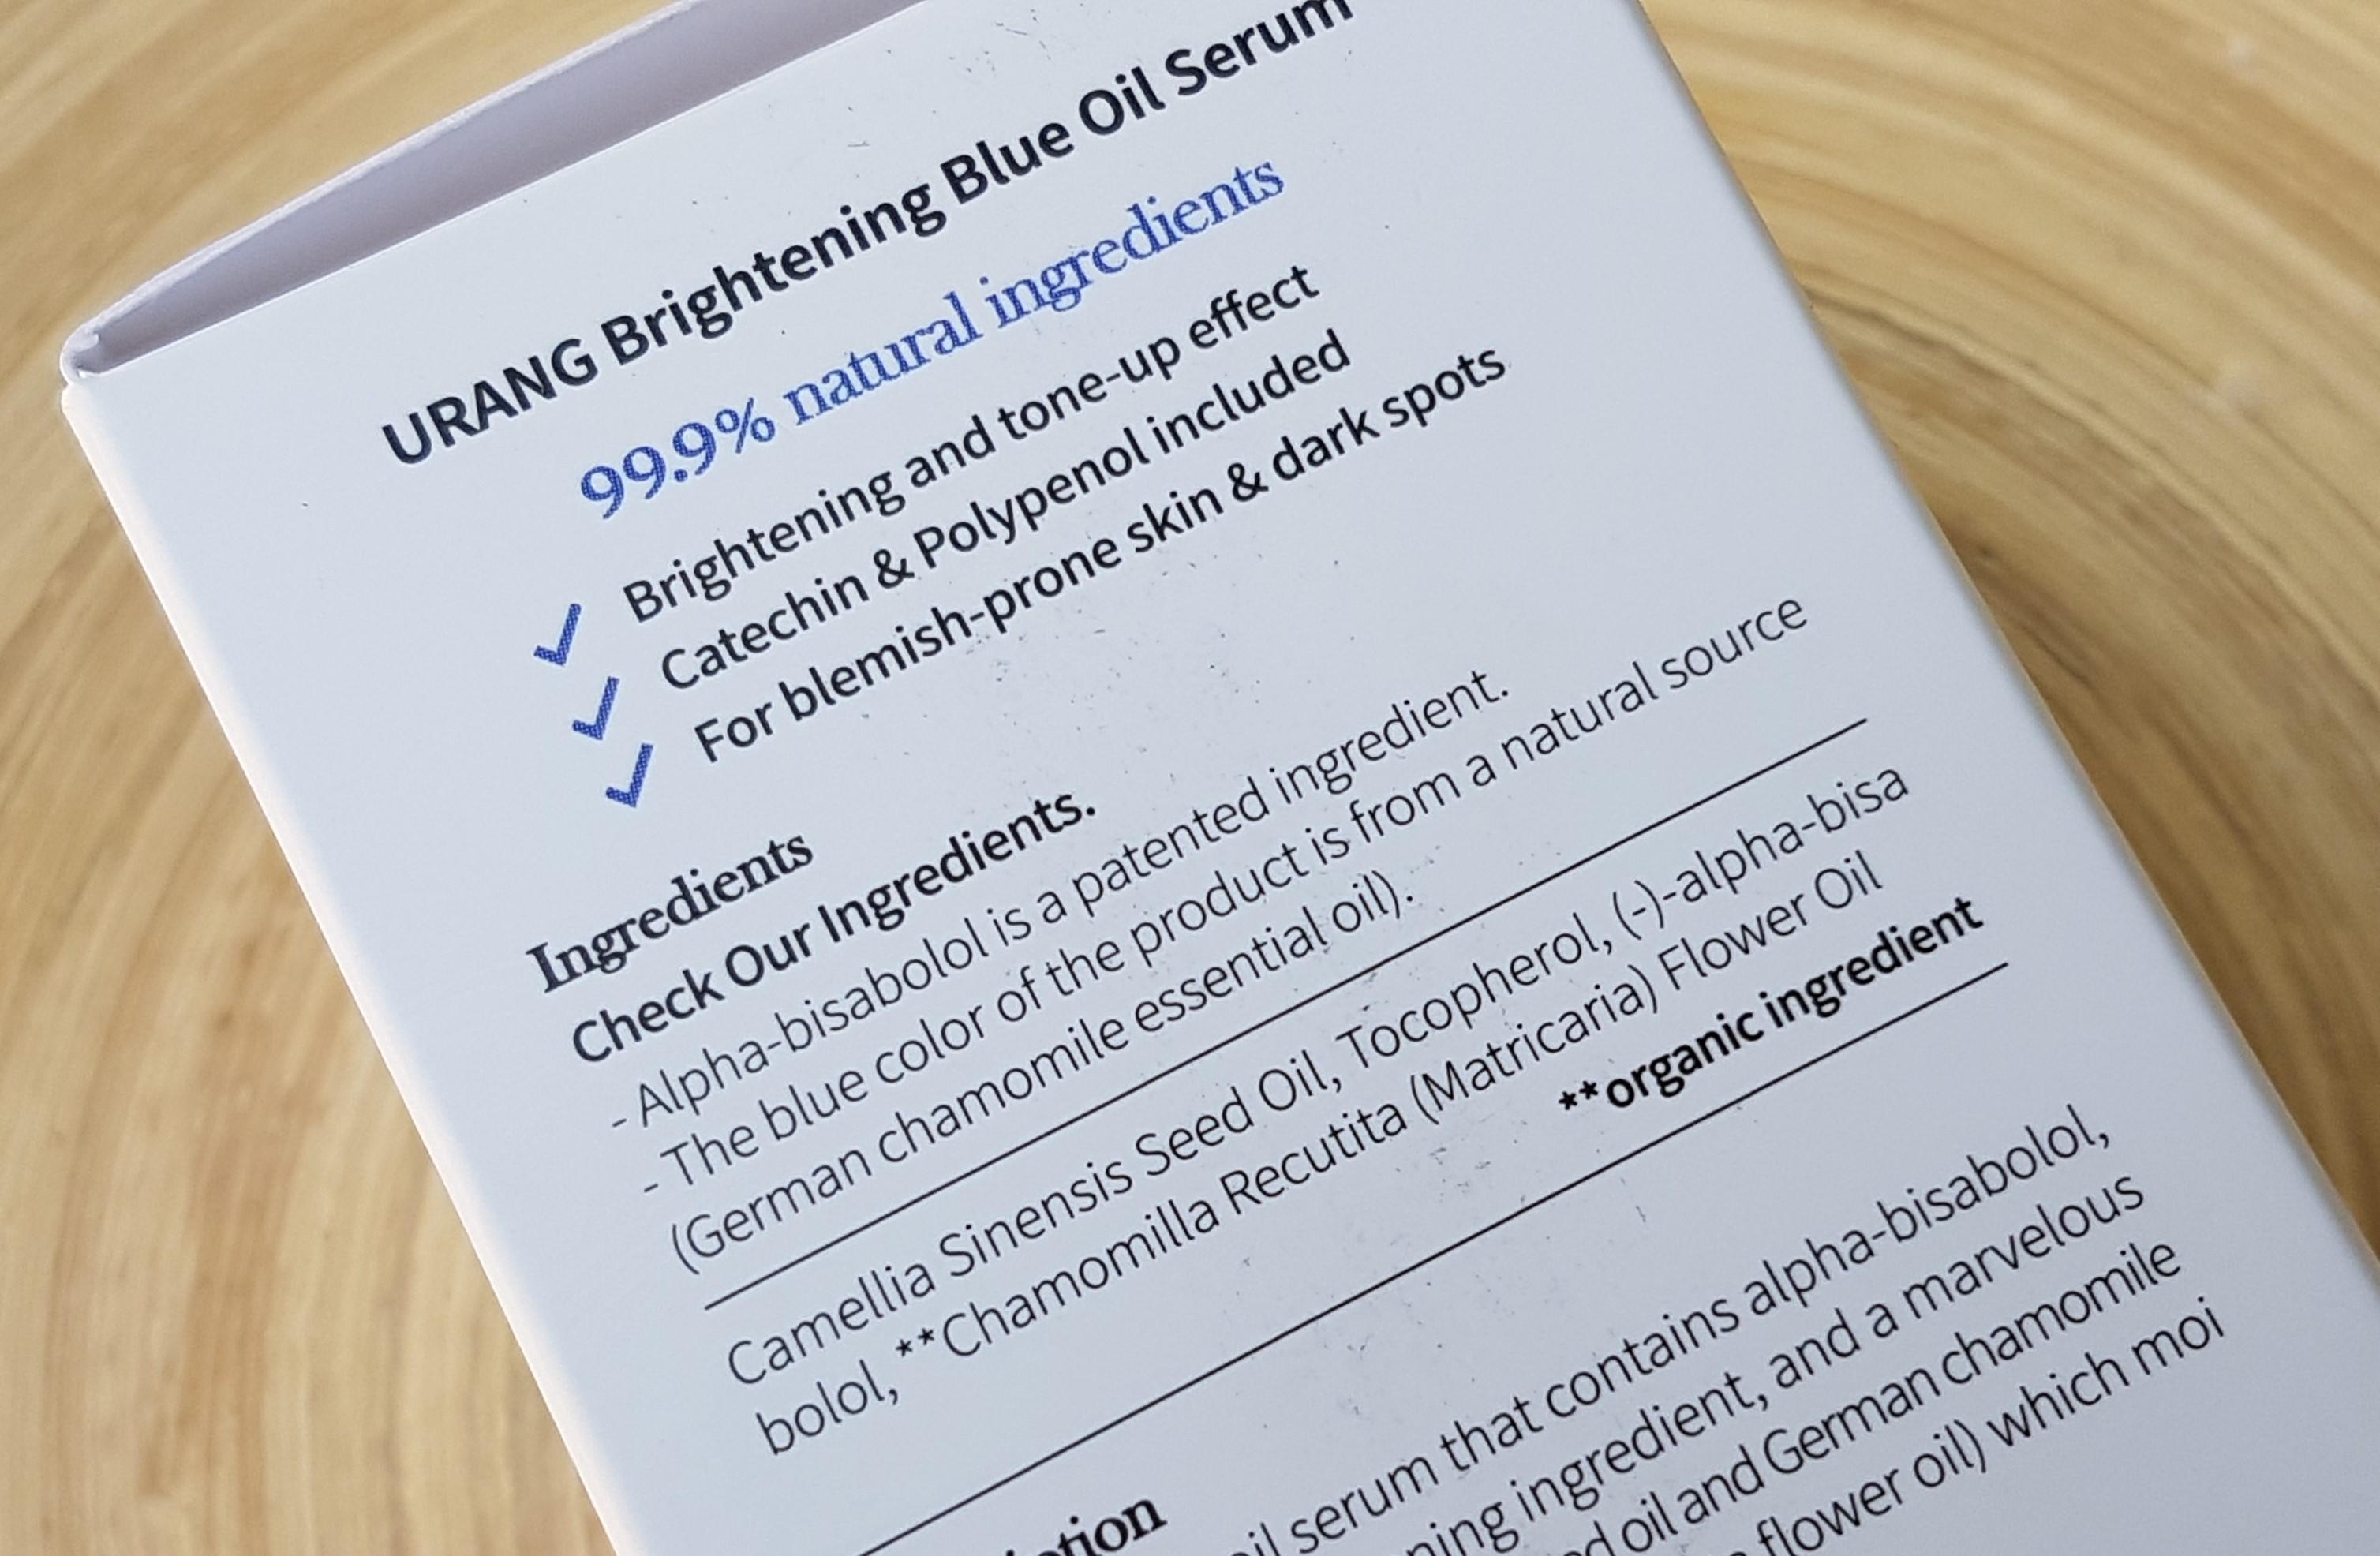 Urang Brightening Blue Oil Serum Ingredients